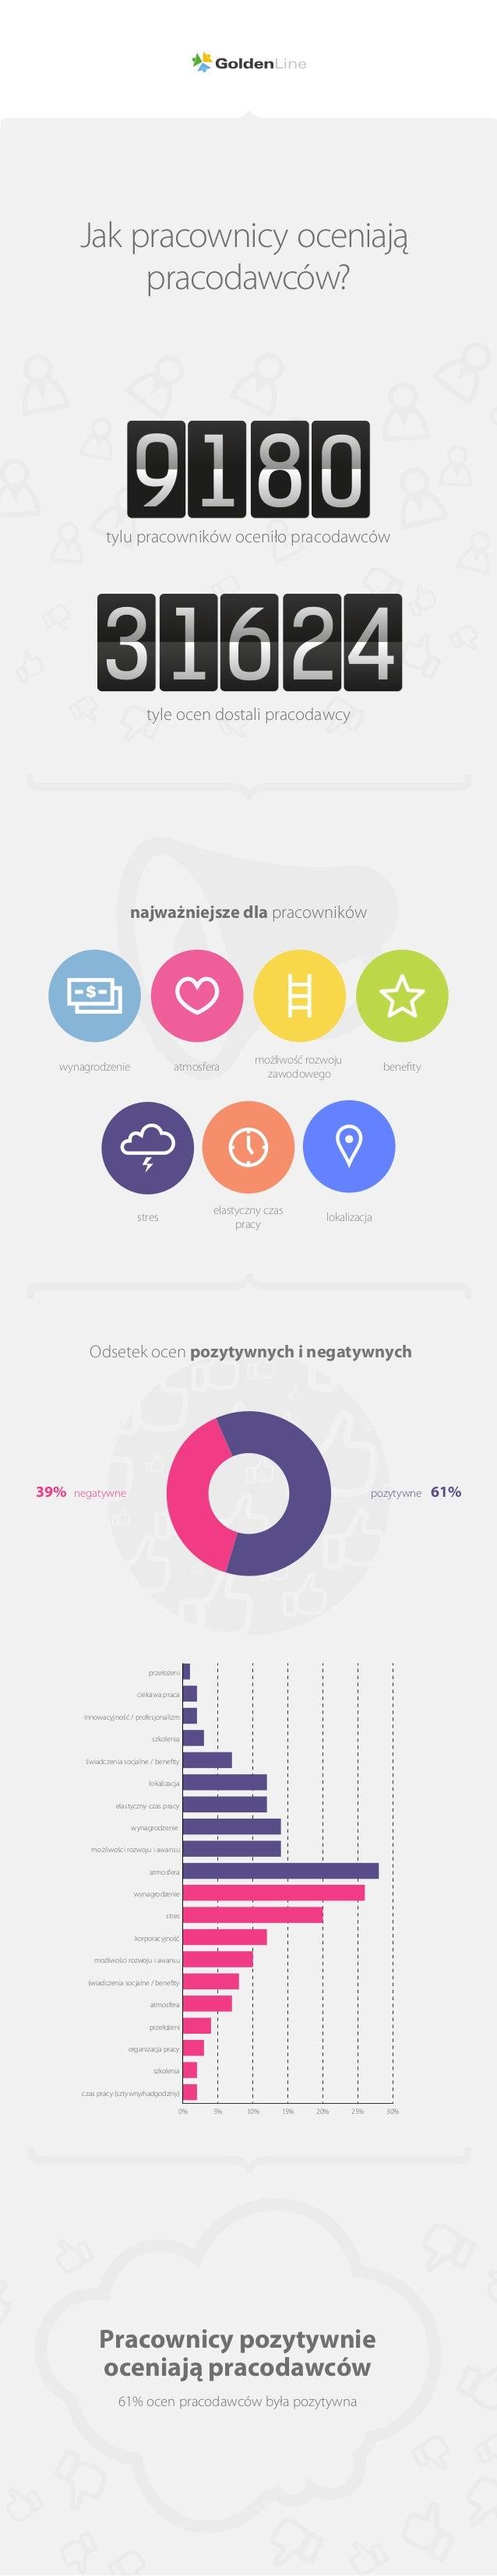 najważniejsze dla pracowników Odsetek ocen pozytywnych i negatywnych 0% 5% 10% 15% 20% 25% 30% czas pracy (sztywny/nadgodz...